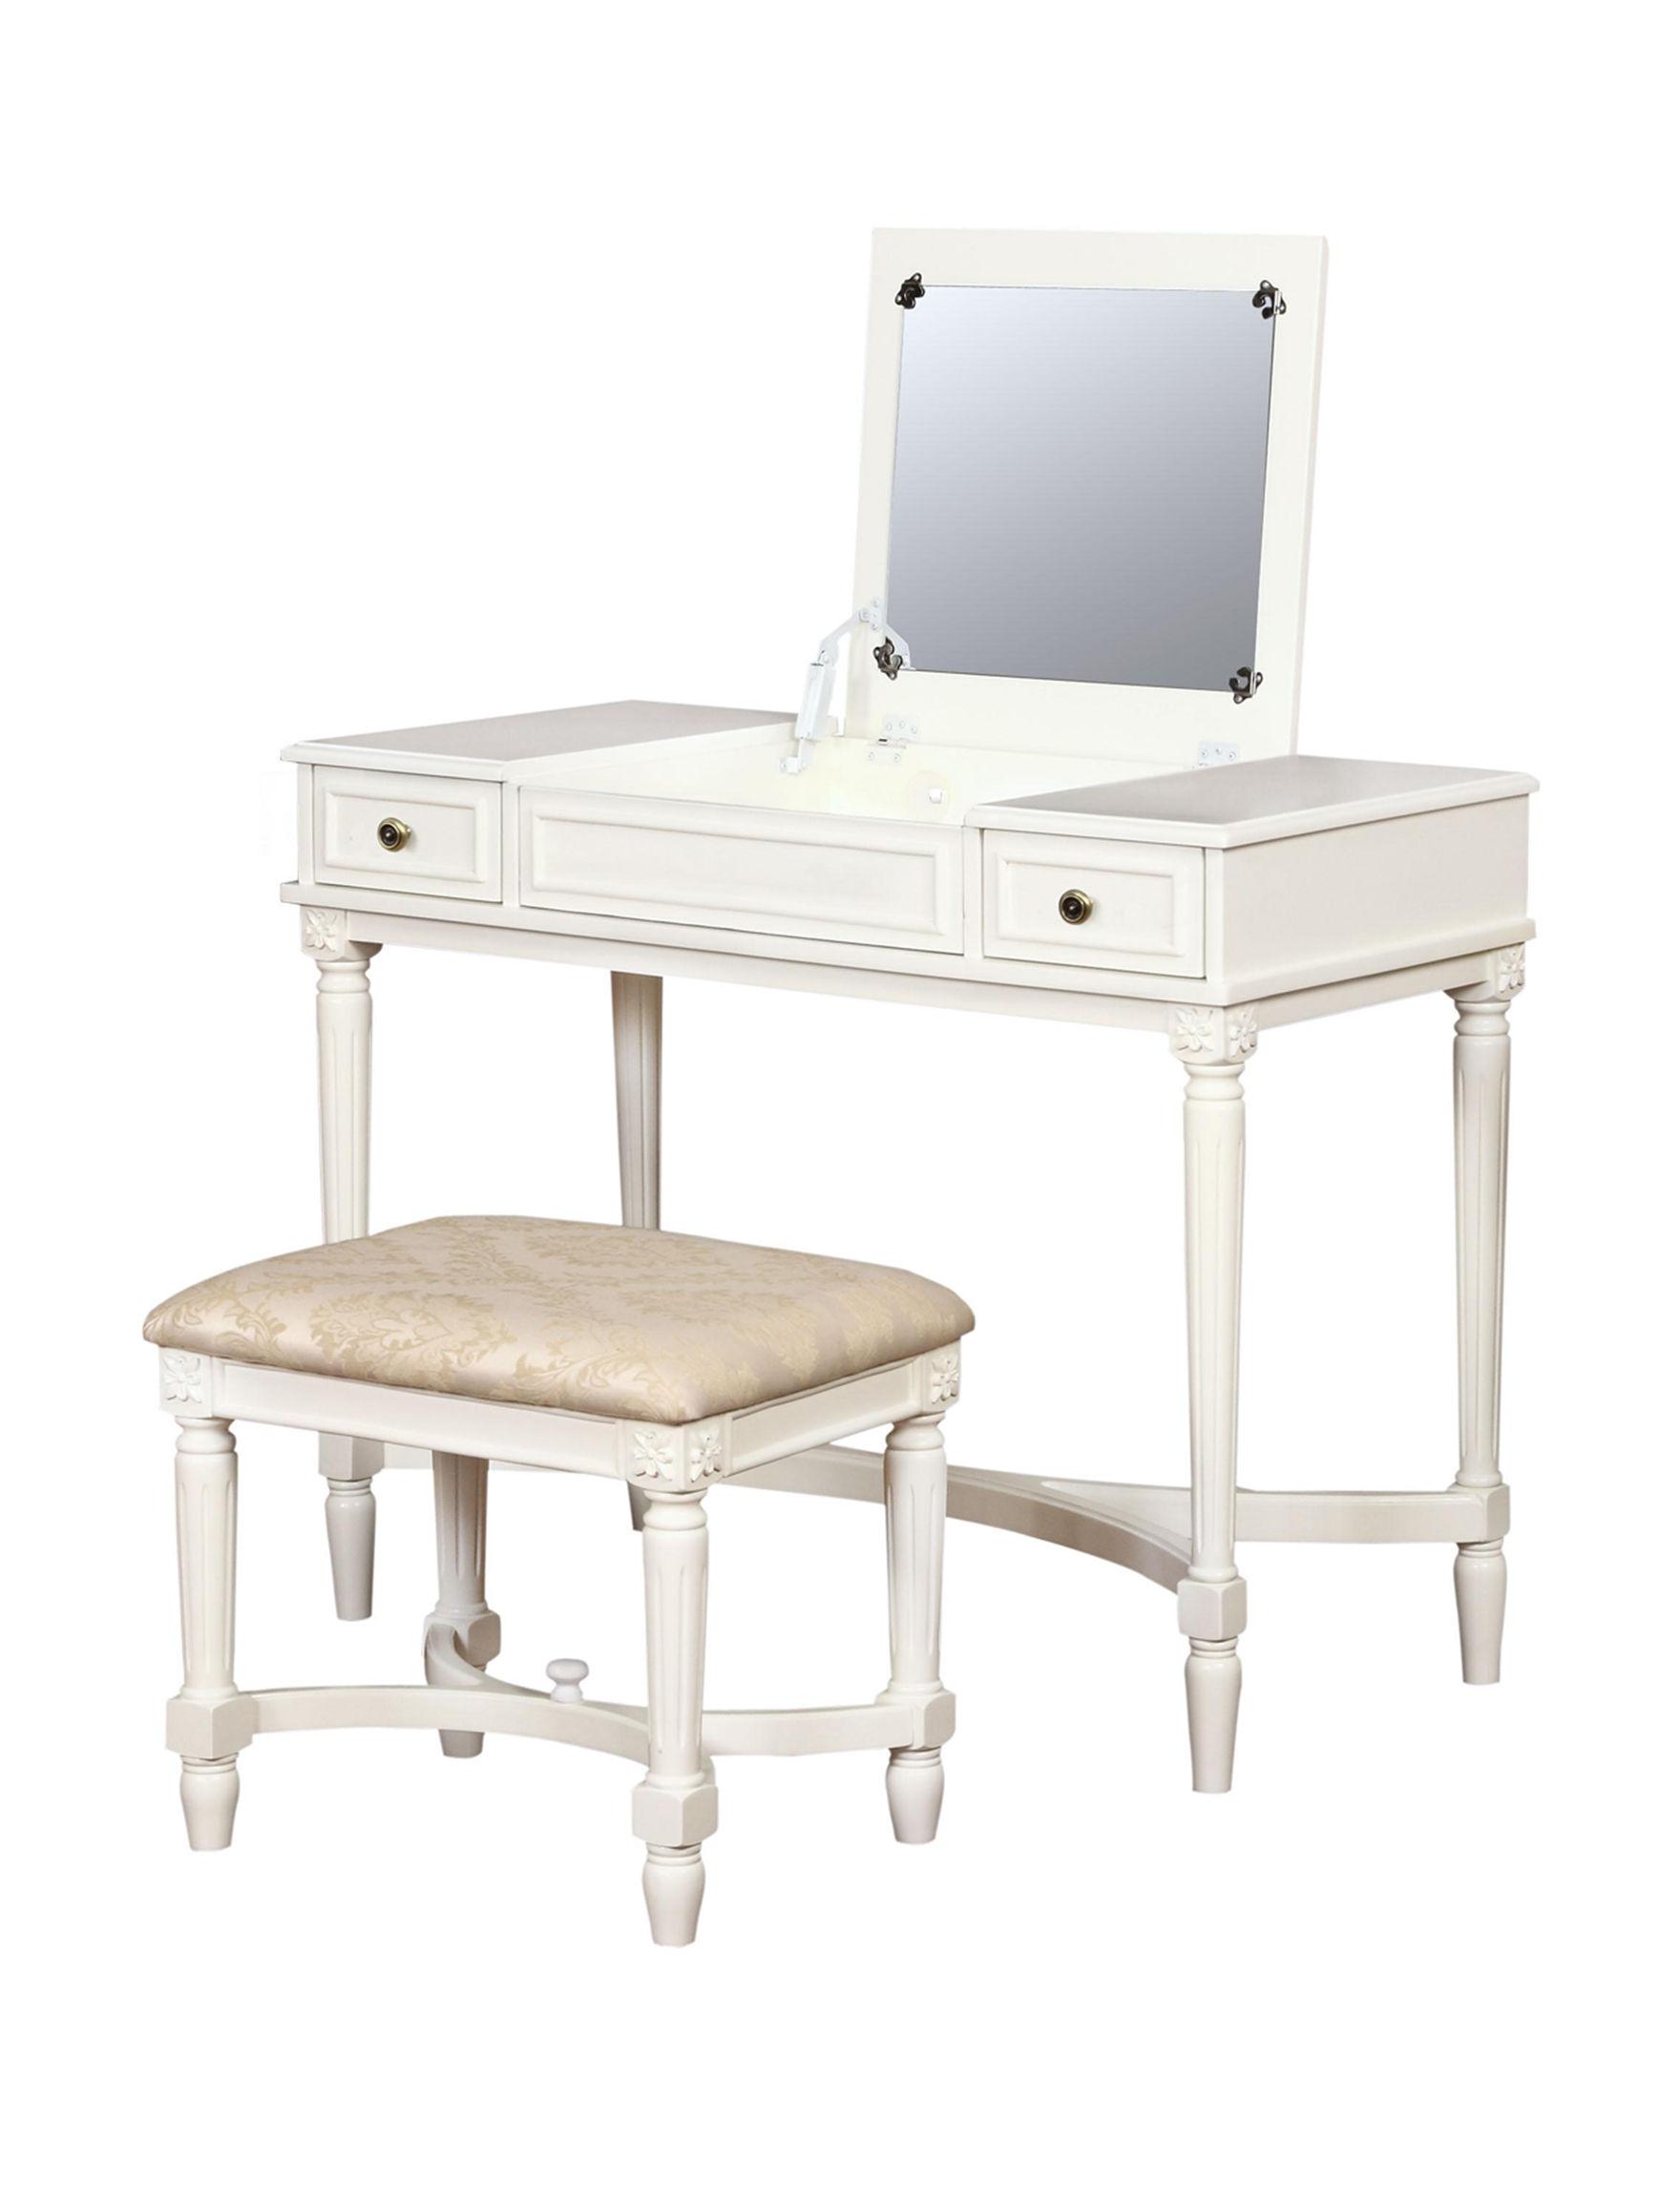 Linon Beige Bedroom Furniture